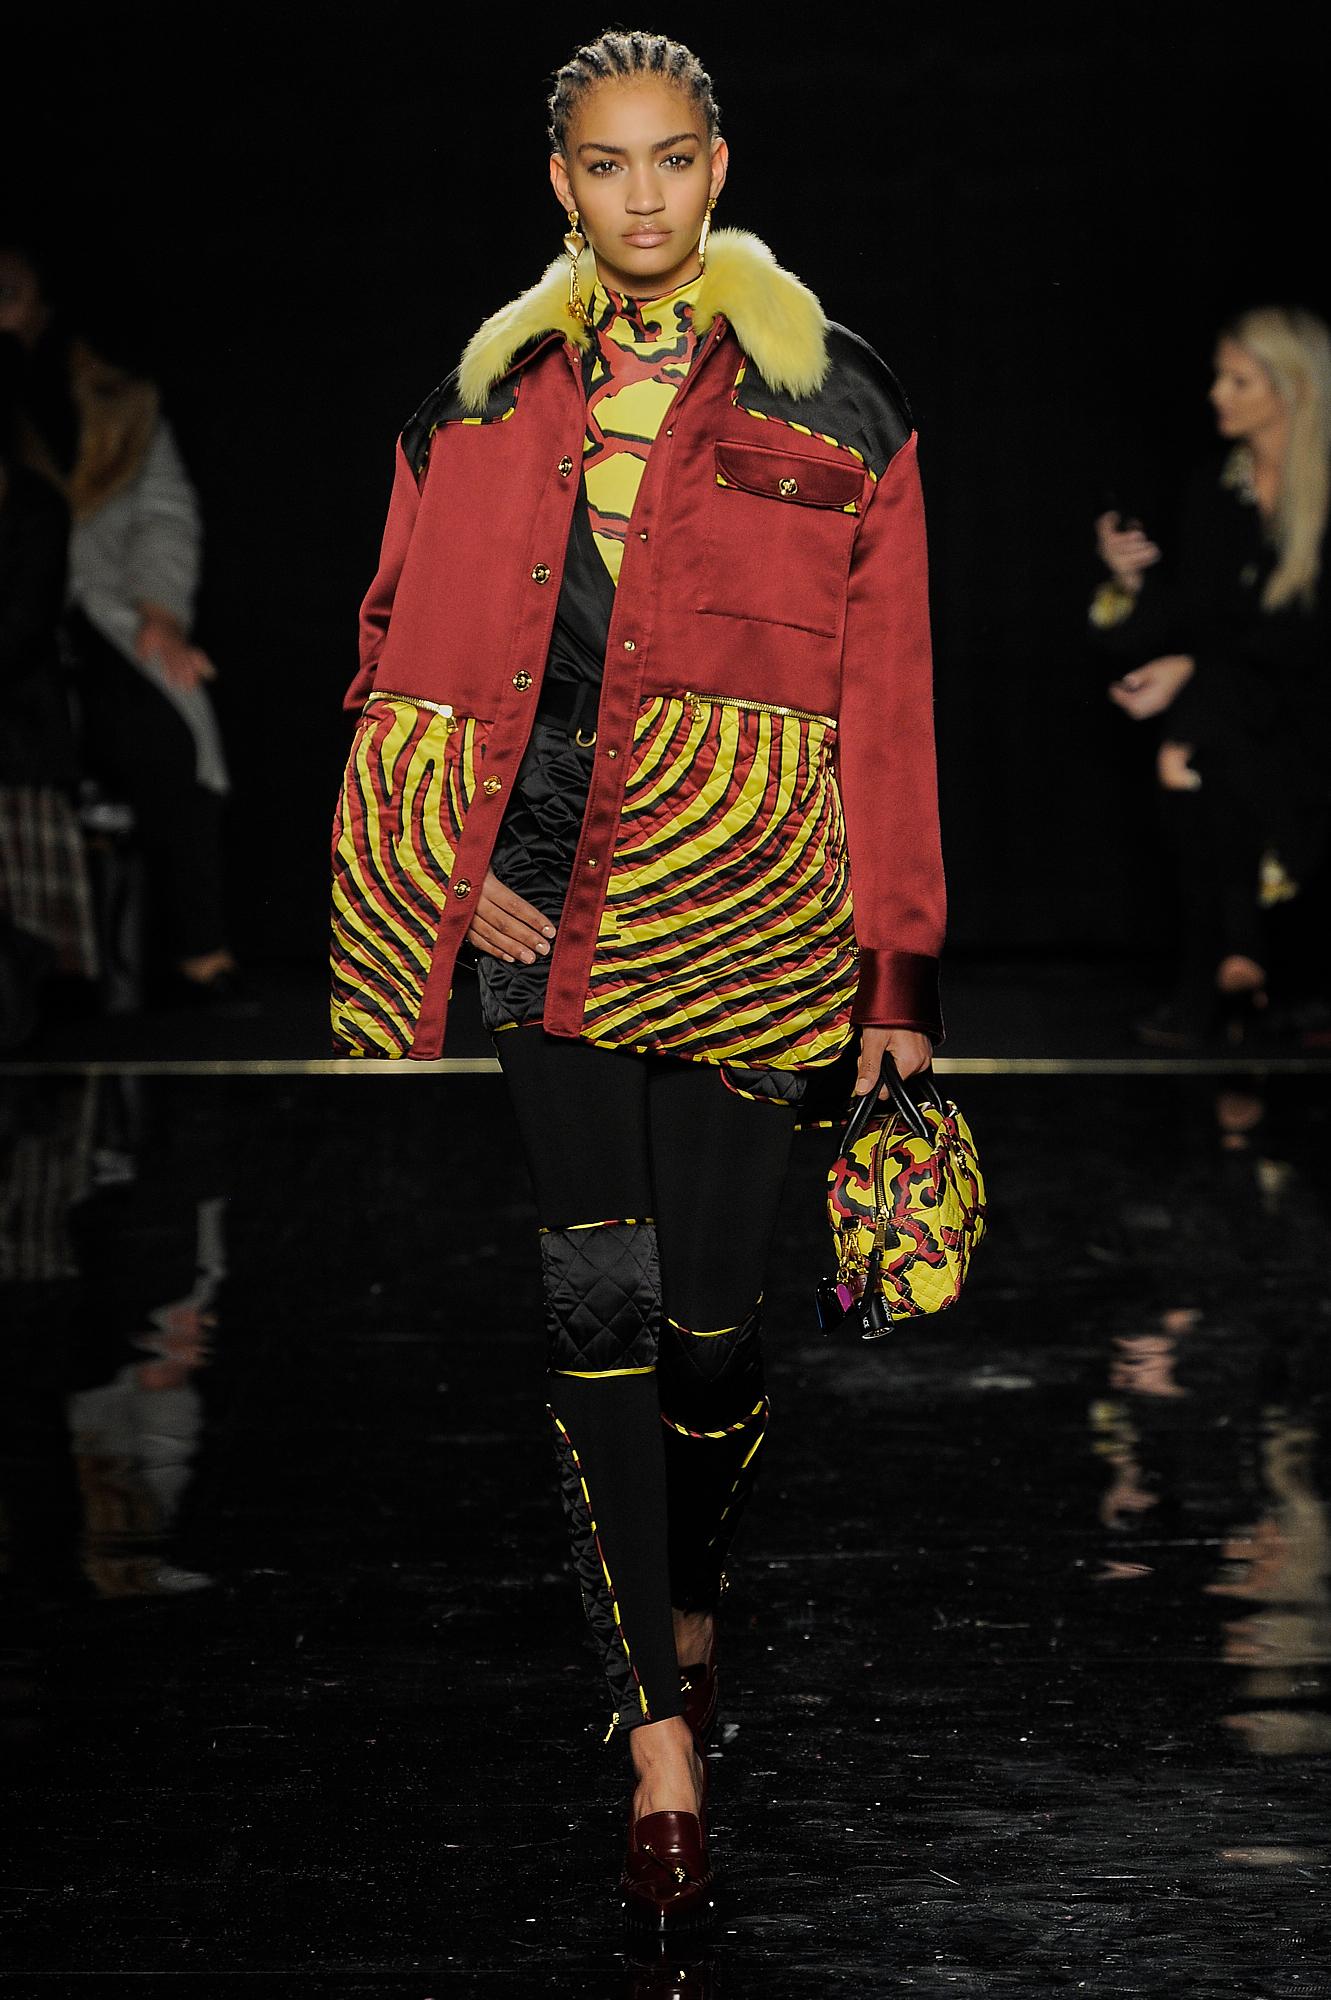 Versace_45_cd_versace_runway_runway_00045.jpg